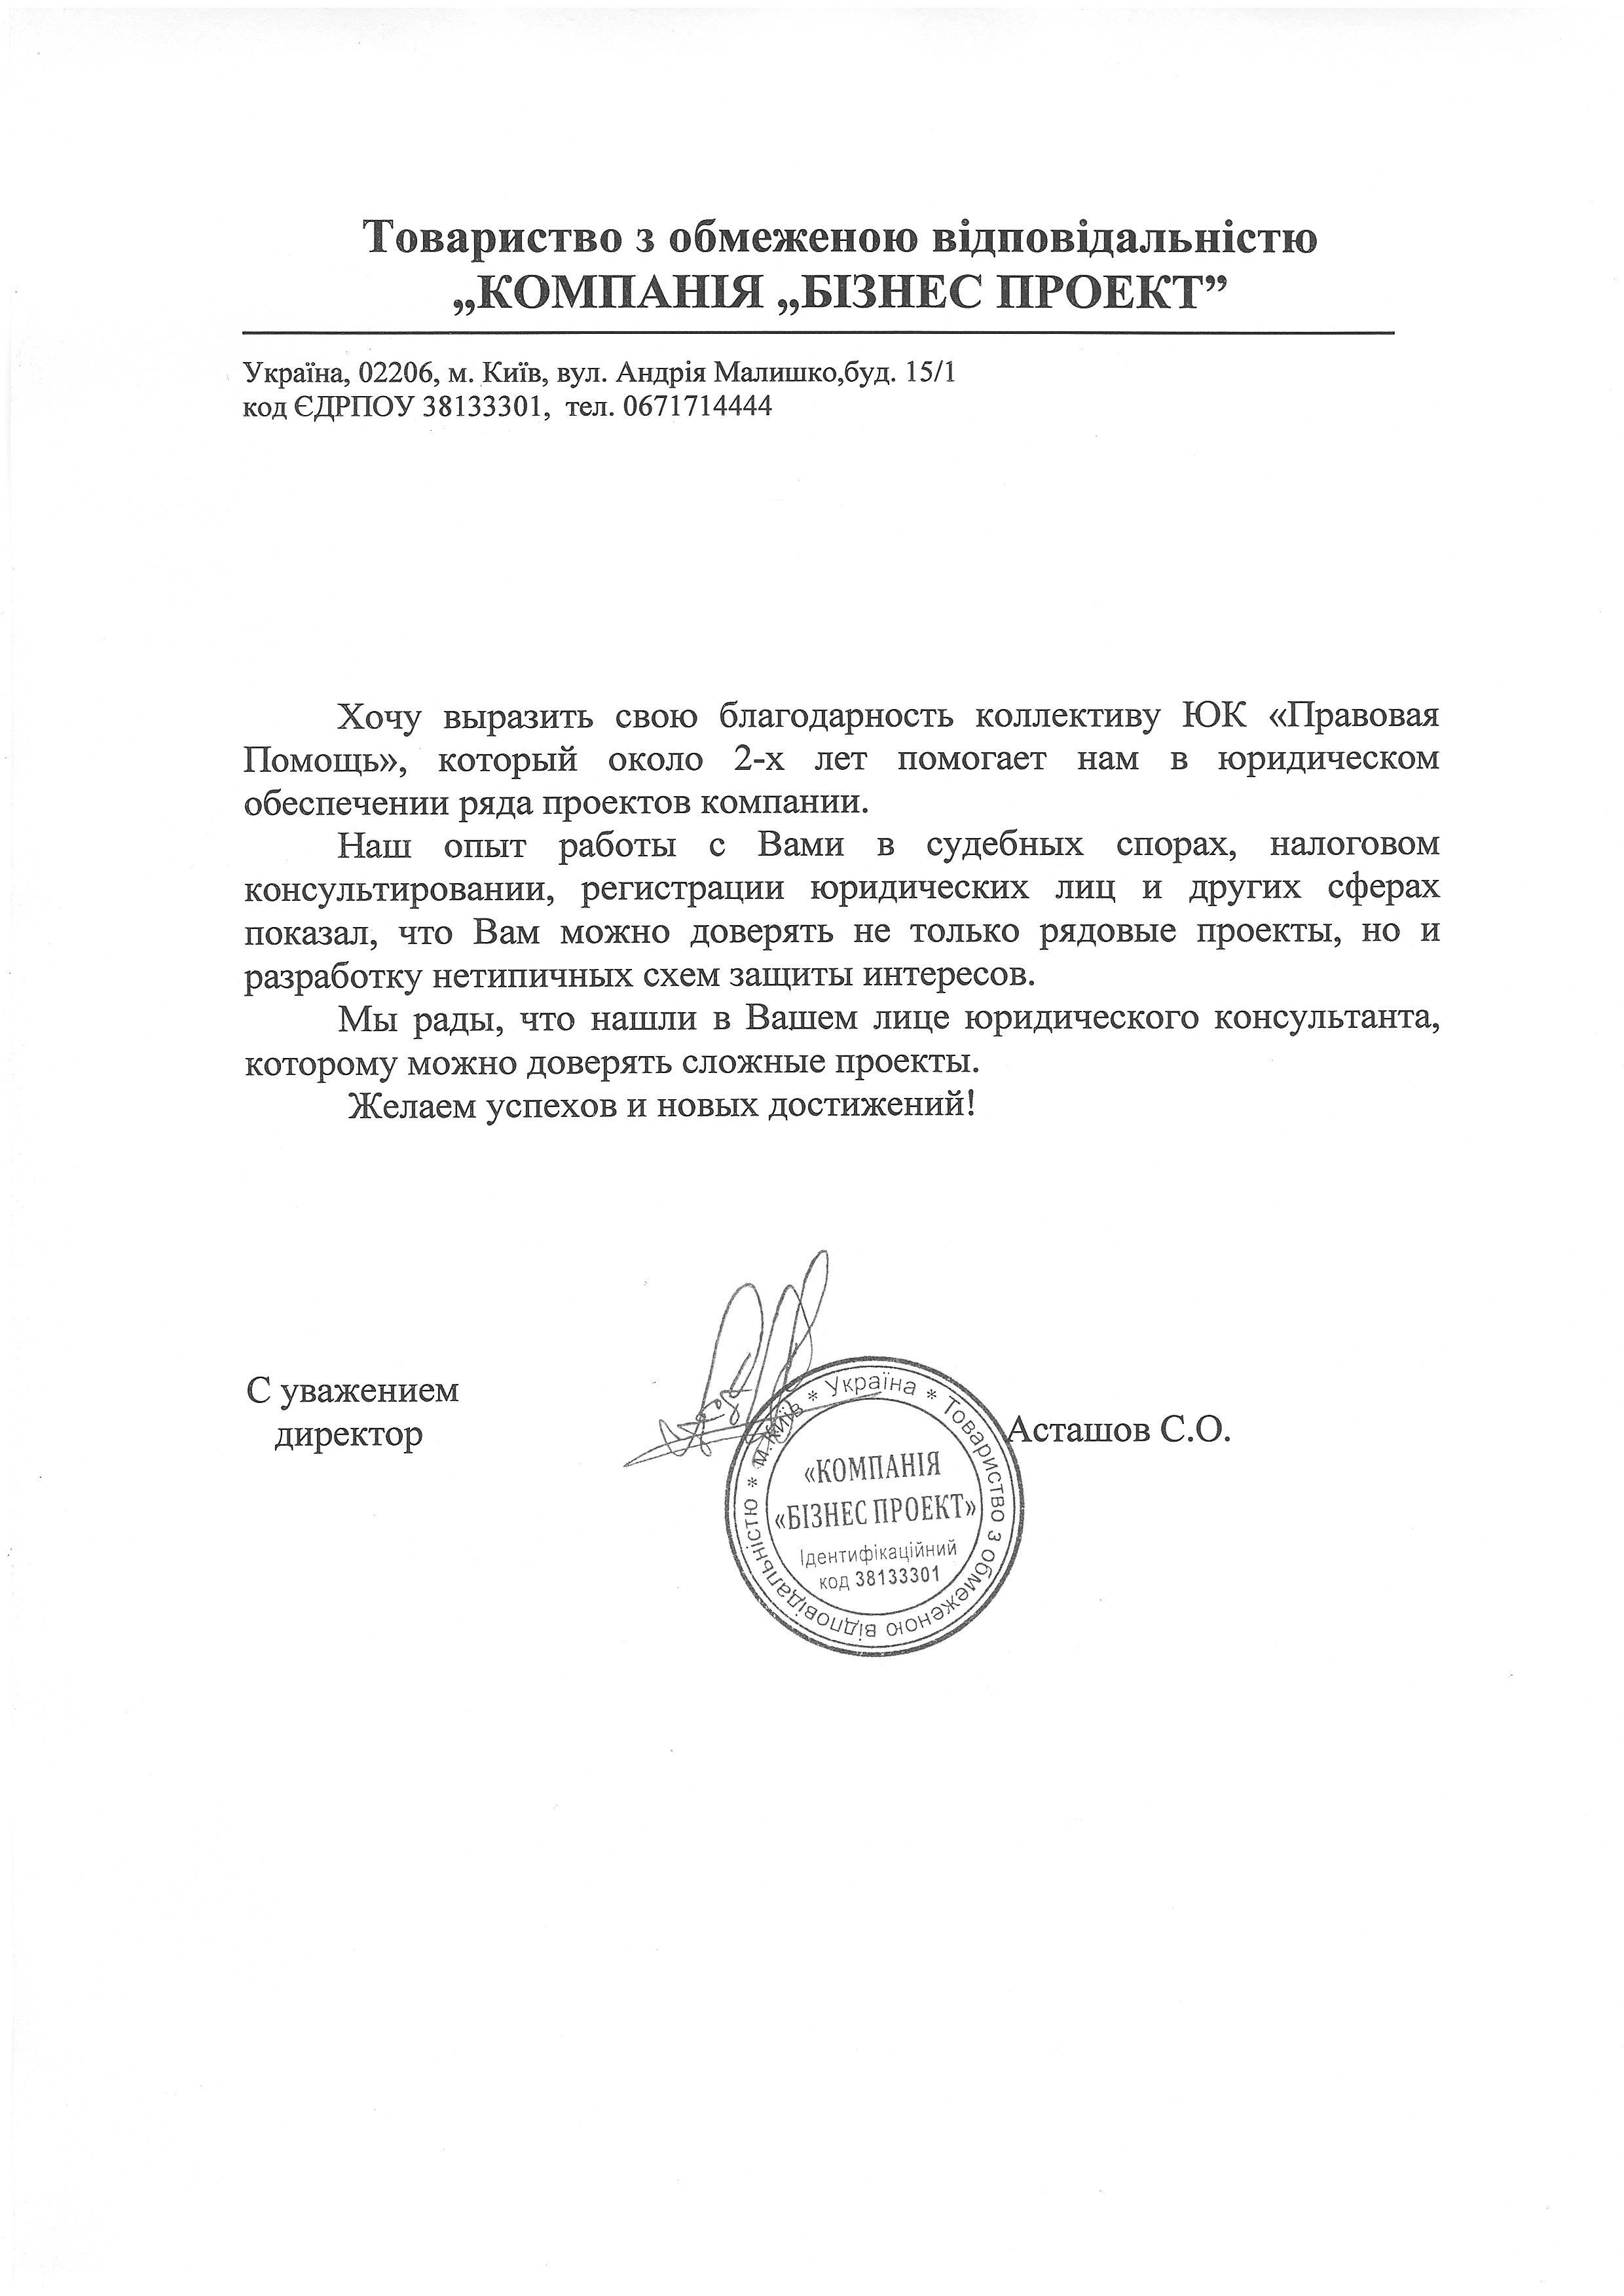 образец письма защита проекта